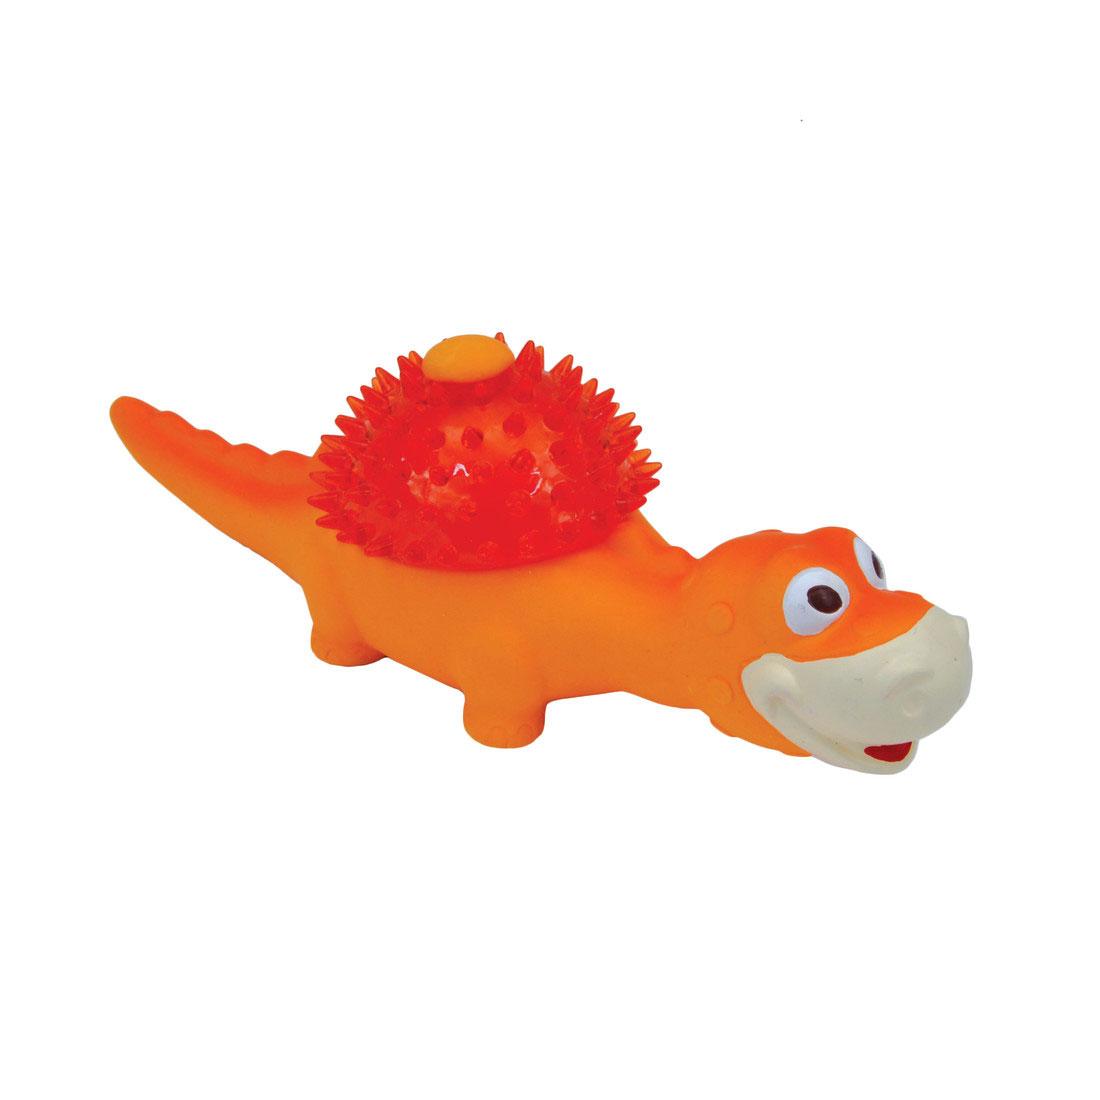 Coastal Pet Li'l Pals Latex & TPR Dinosaur Dog Toy